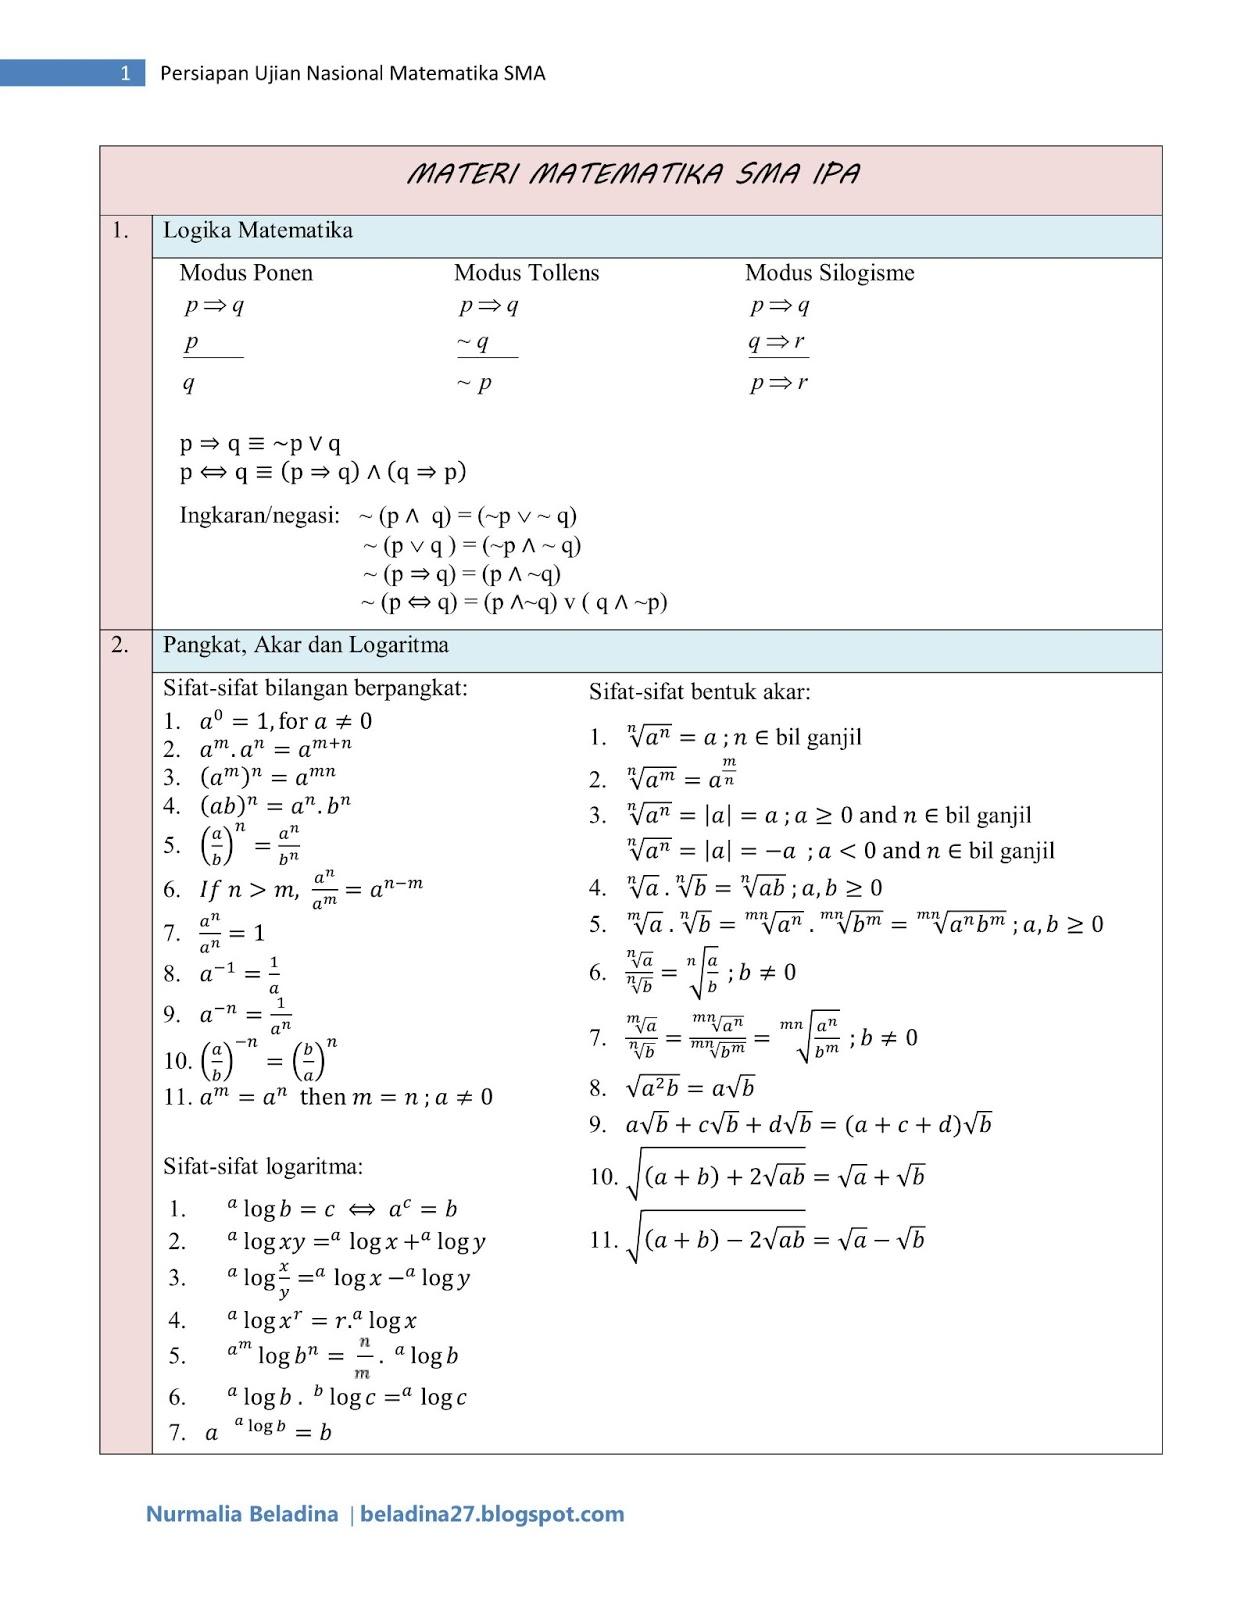 Rangkuman Materi Dan Kumpulan Soal Bahasa Inggris Kelas